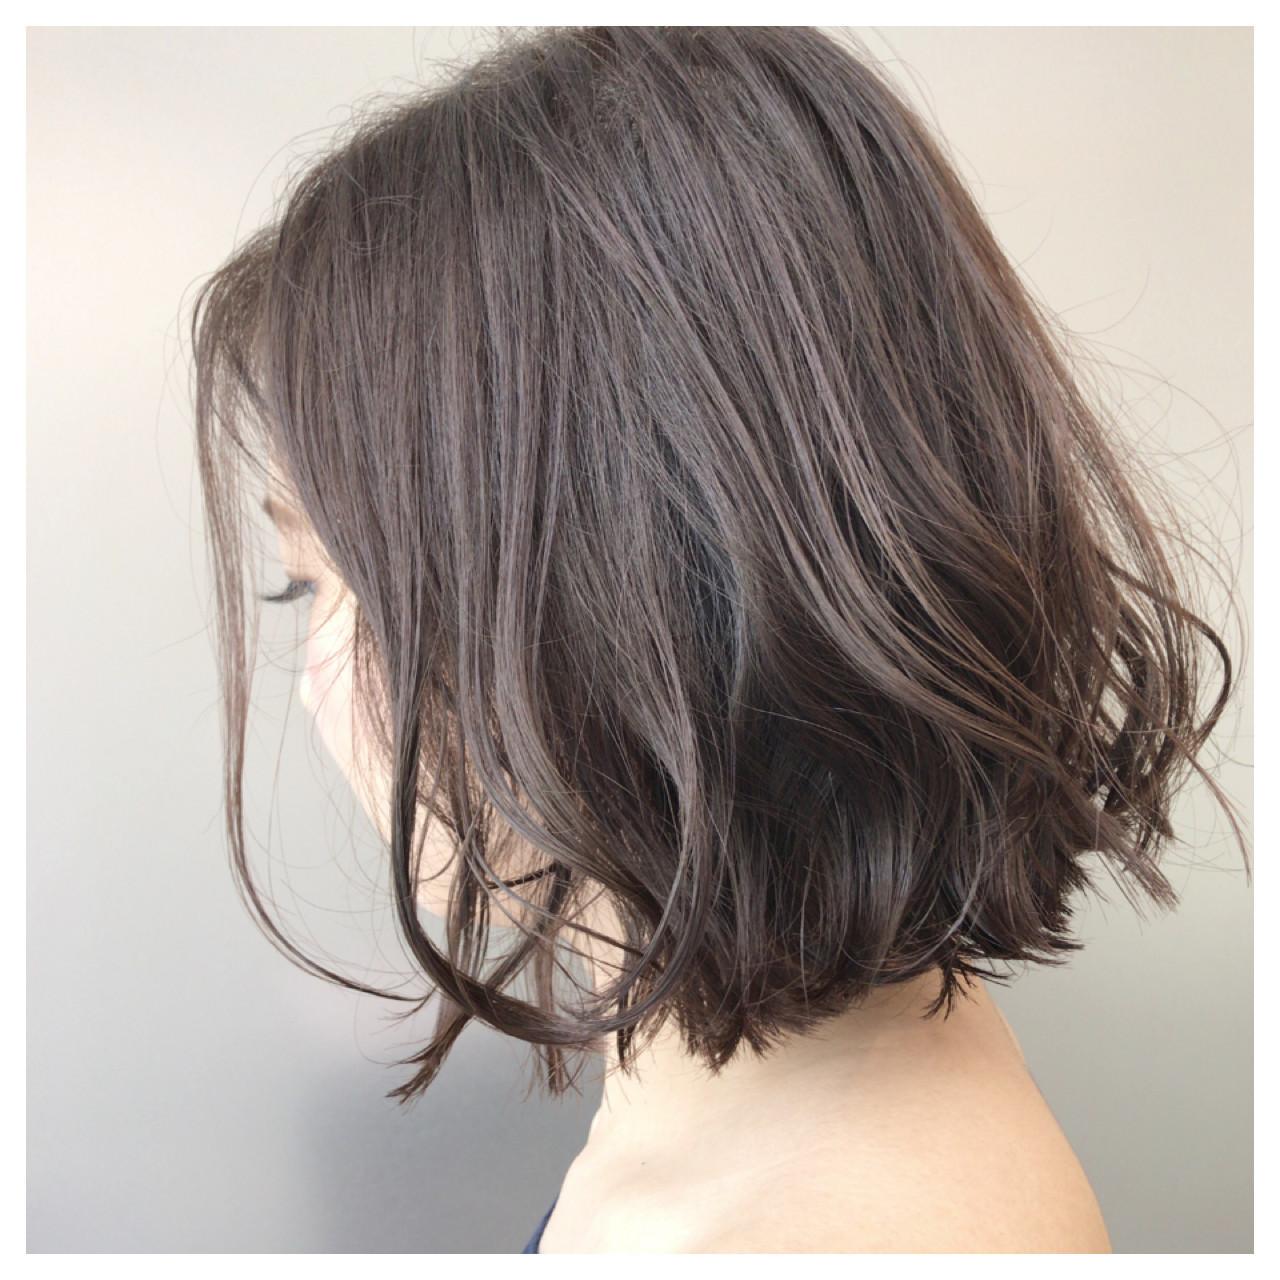 カールが決まりやすいのもワンレングスの魅力 Tomotaka Hamaya | STILL un label